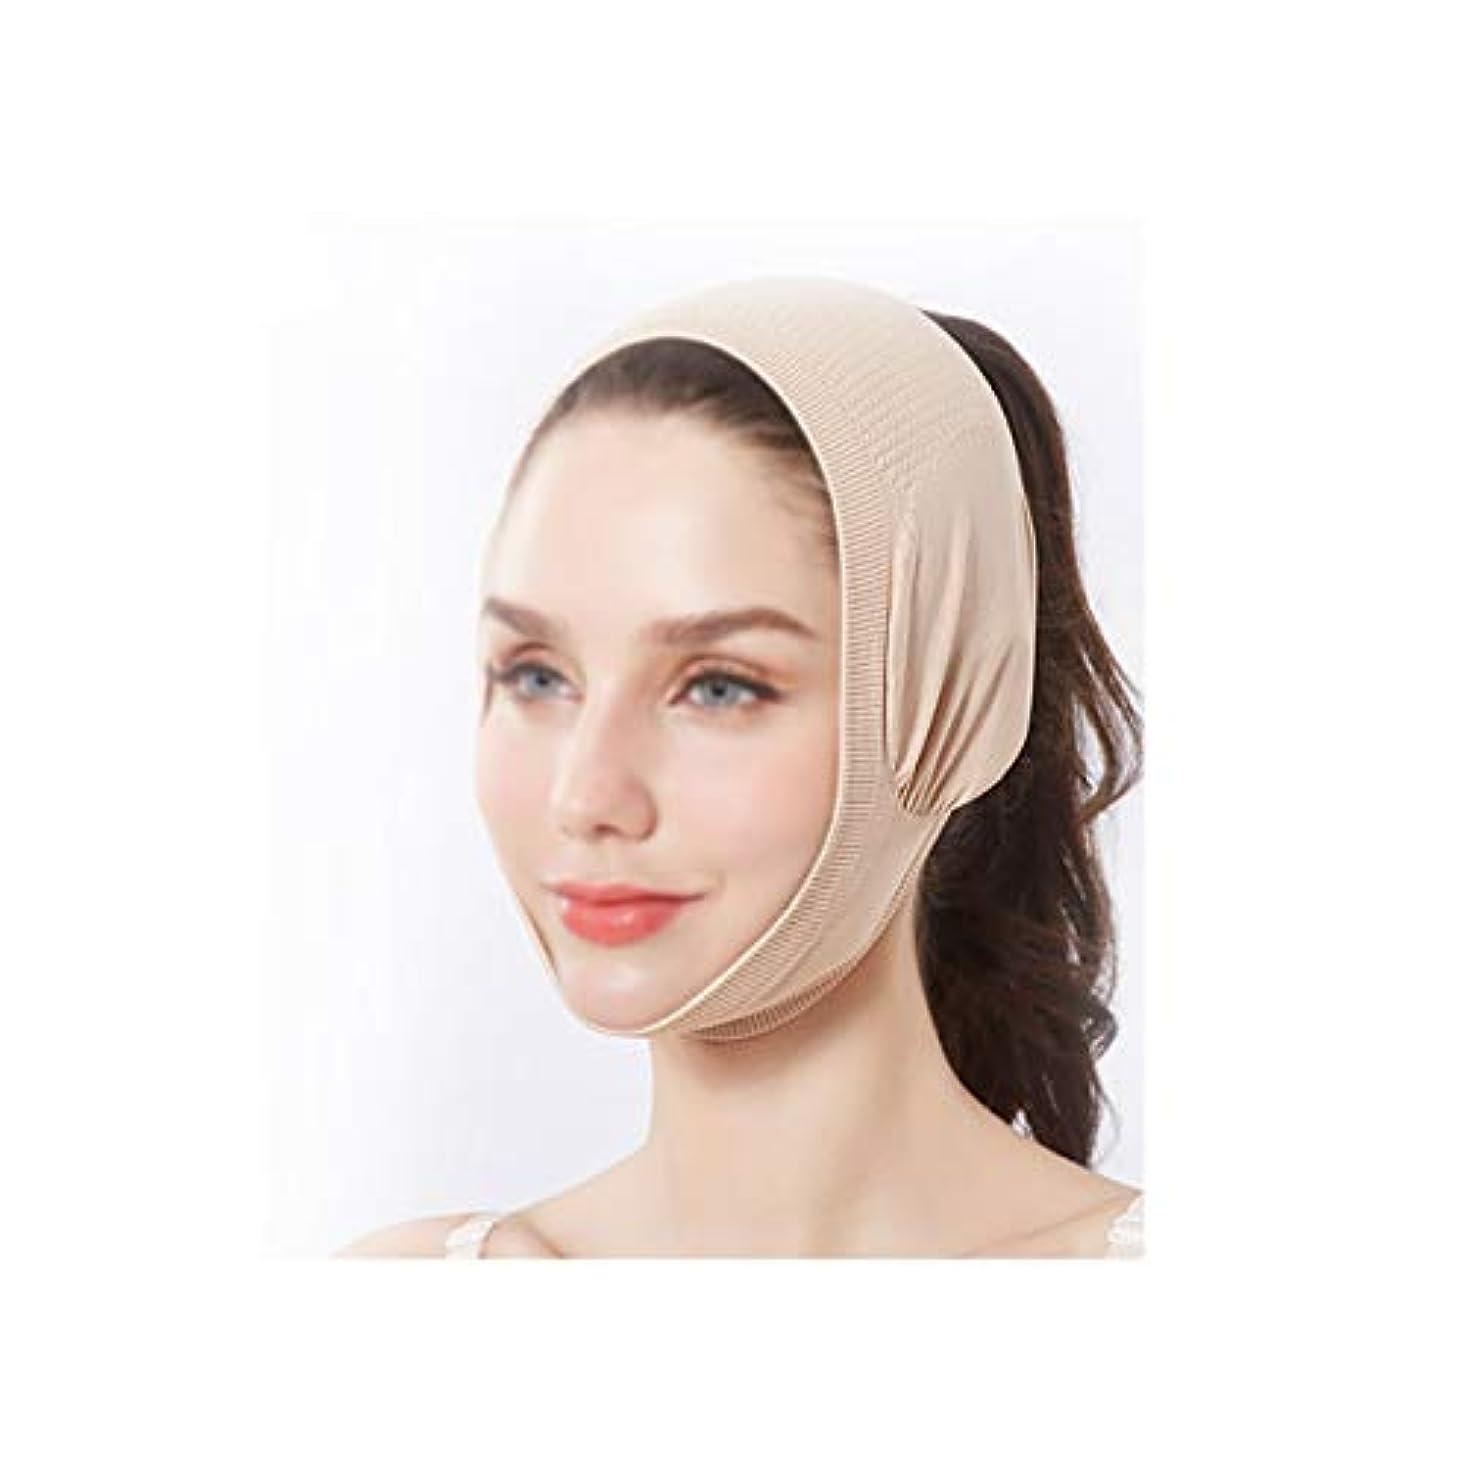 名義でヒューム露TLMY フェイスリフトマスクマスクエクステンション強度フェースレス包帯フェイシャルラージVライン彫刻フェイシャルバックカバーネックバンド 顔用整形マスク (Color : Skin tone)